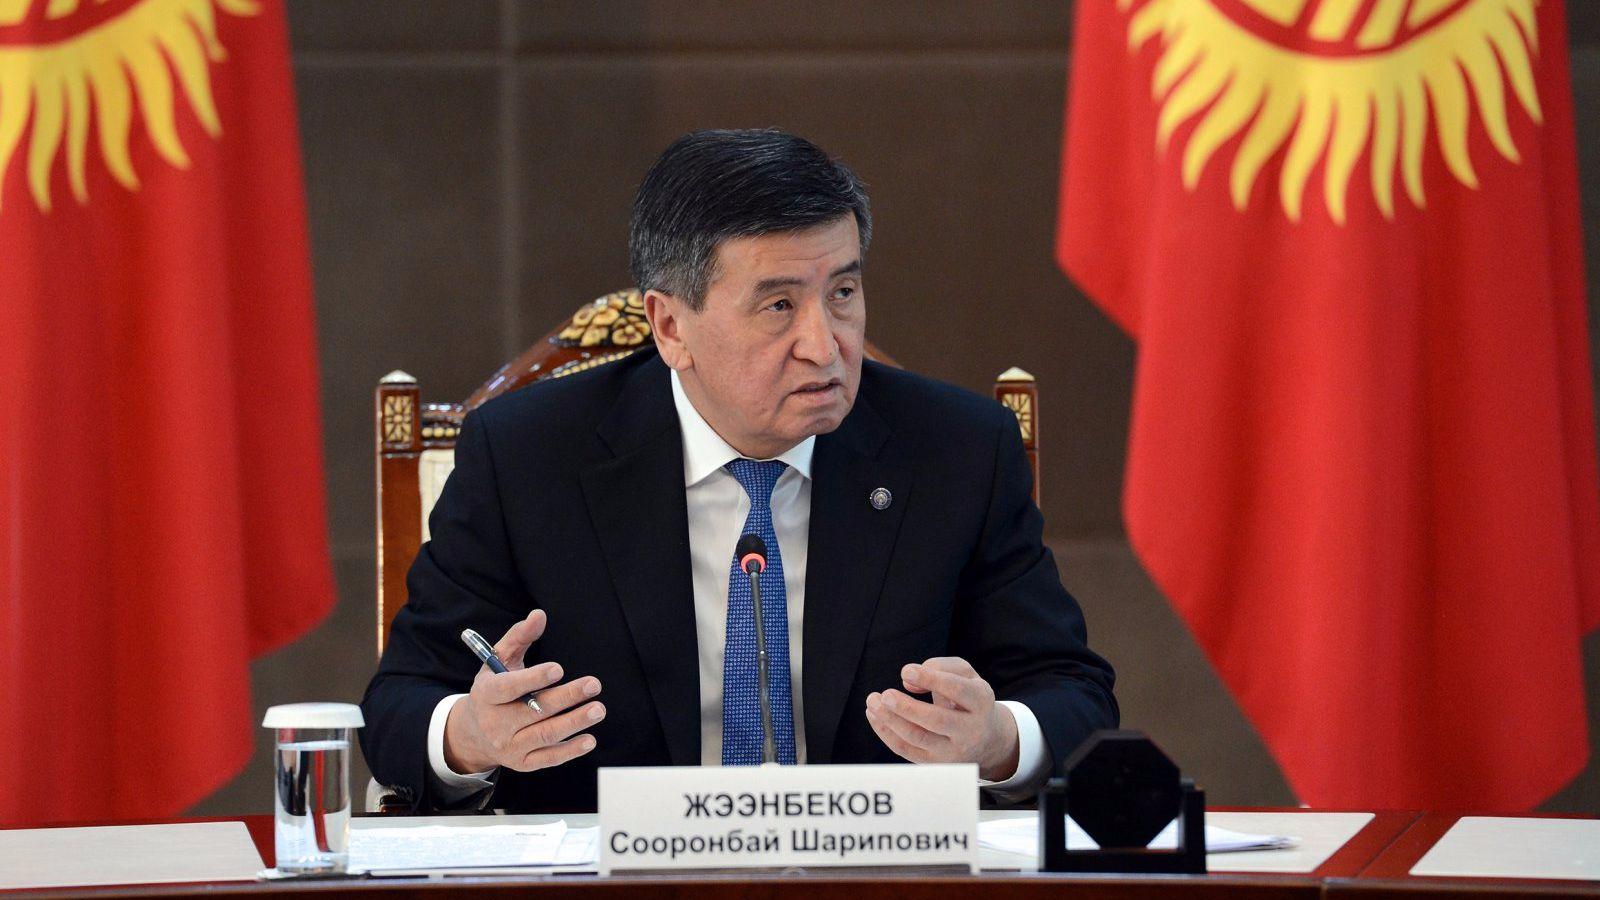 Президент Кыргызстана С. Жээнбеков: нечестных судей ждут адские муки